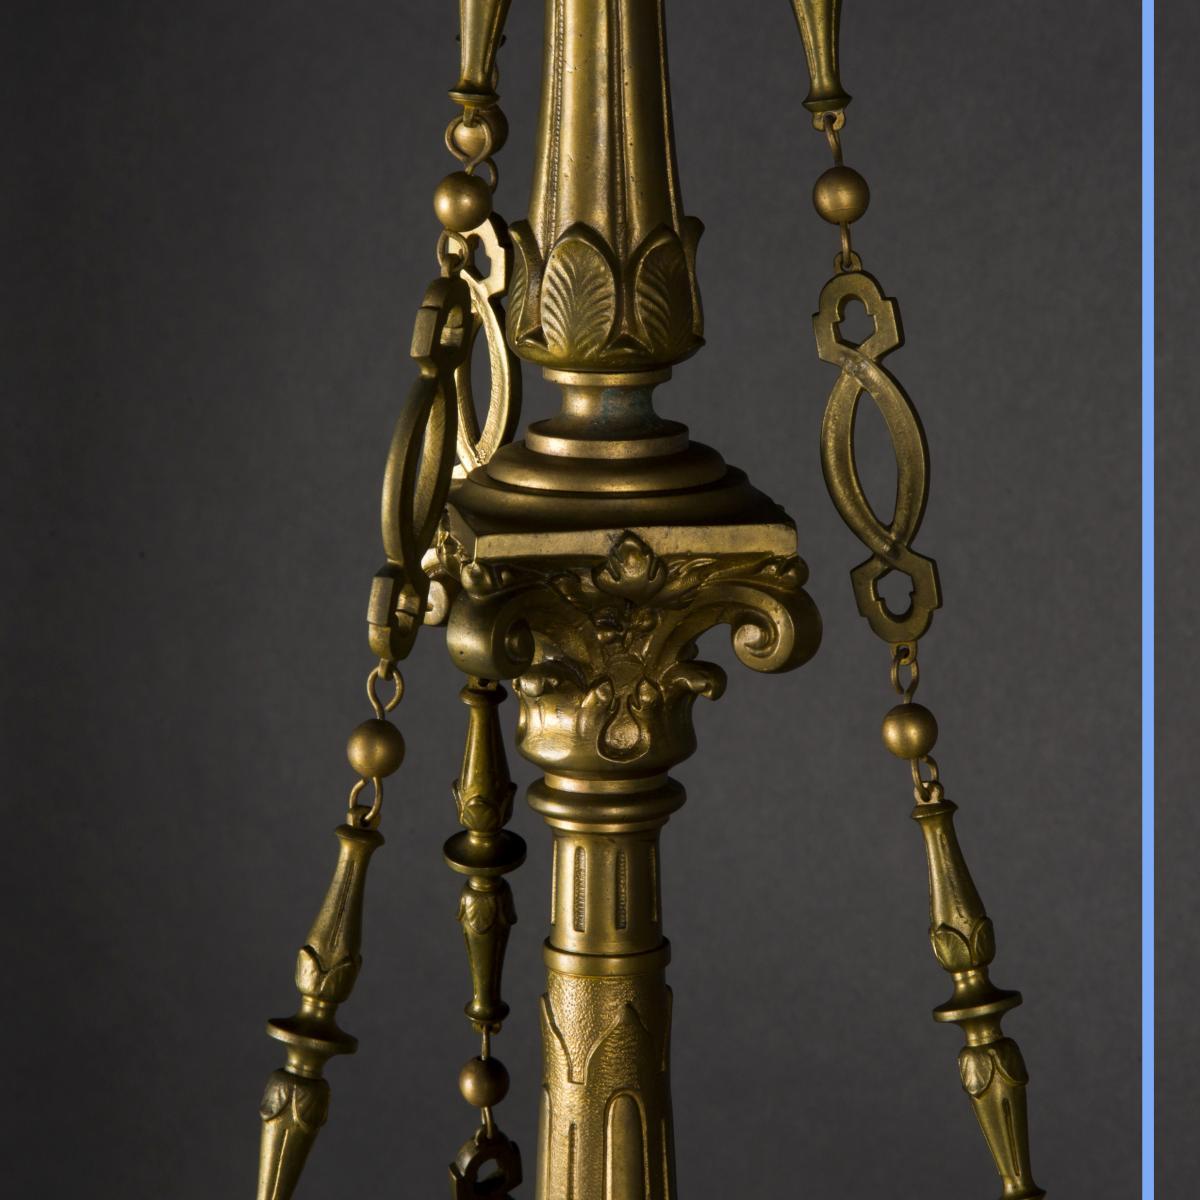 Lustre Aux Dragons En Bronze Et Verre, XIXe-photo-4